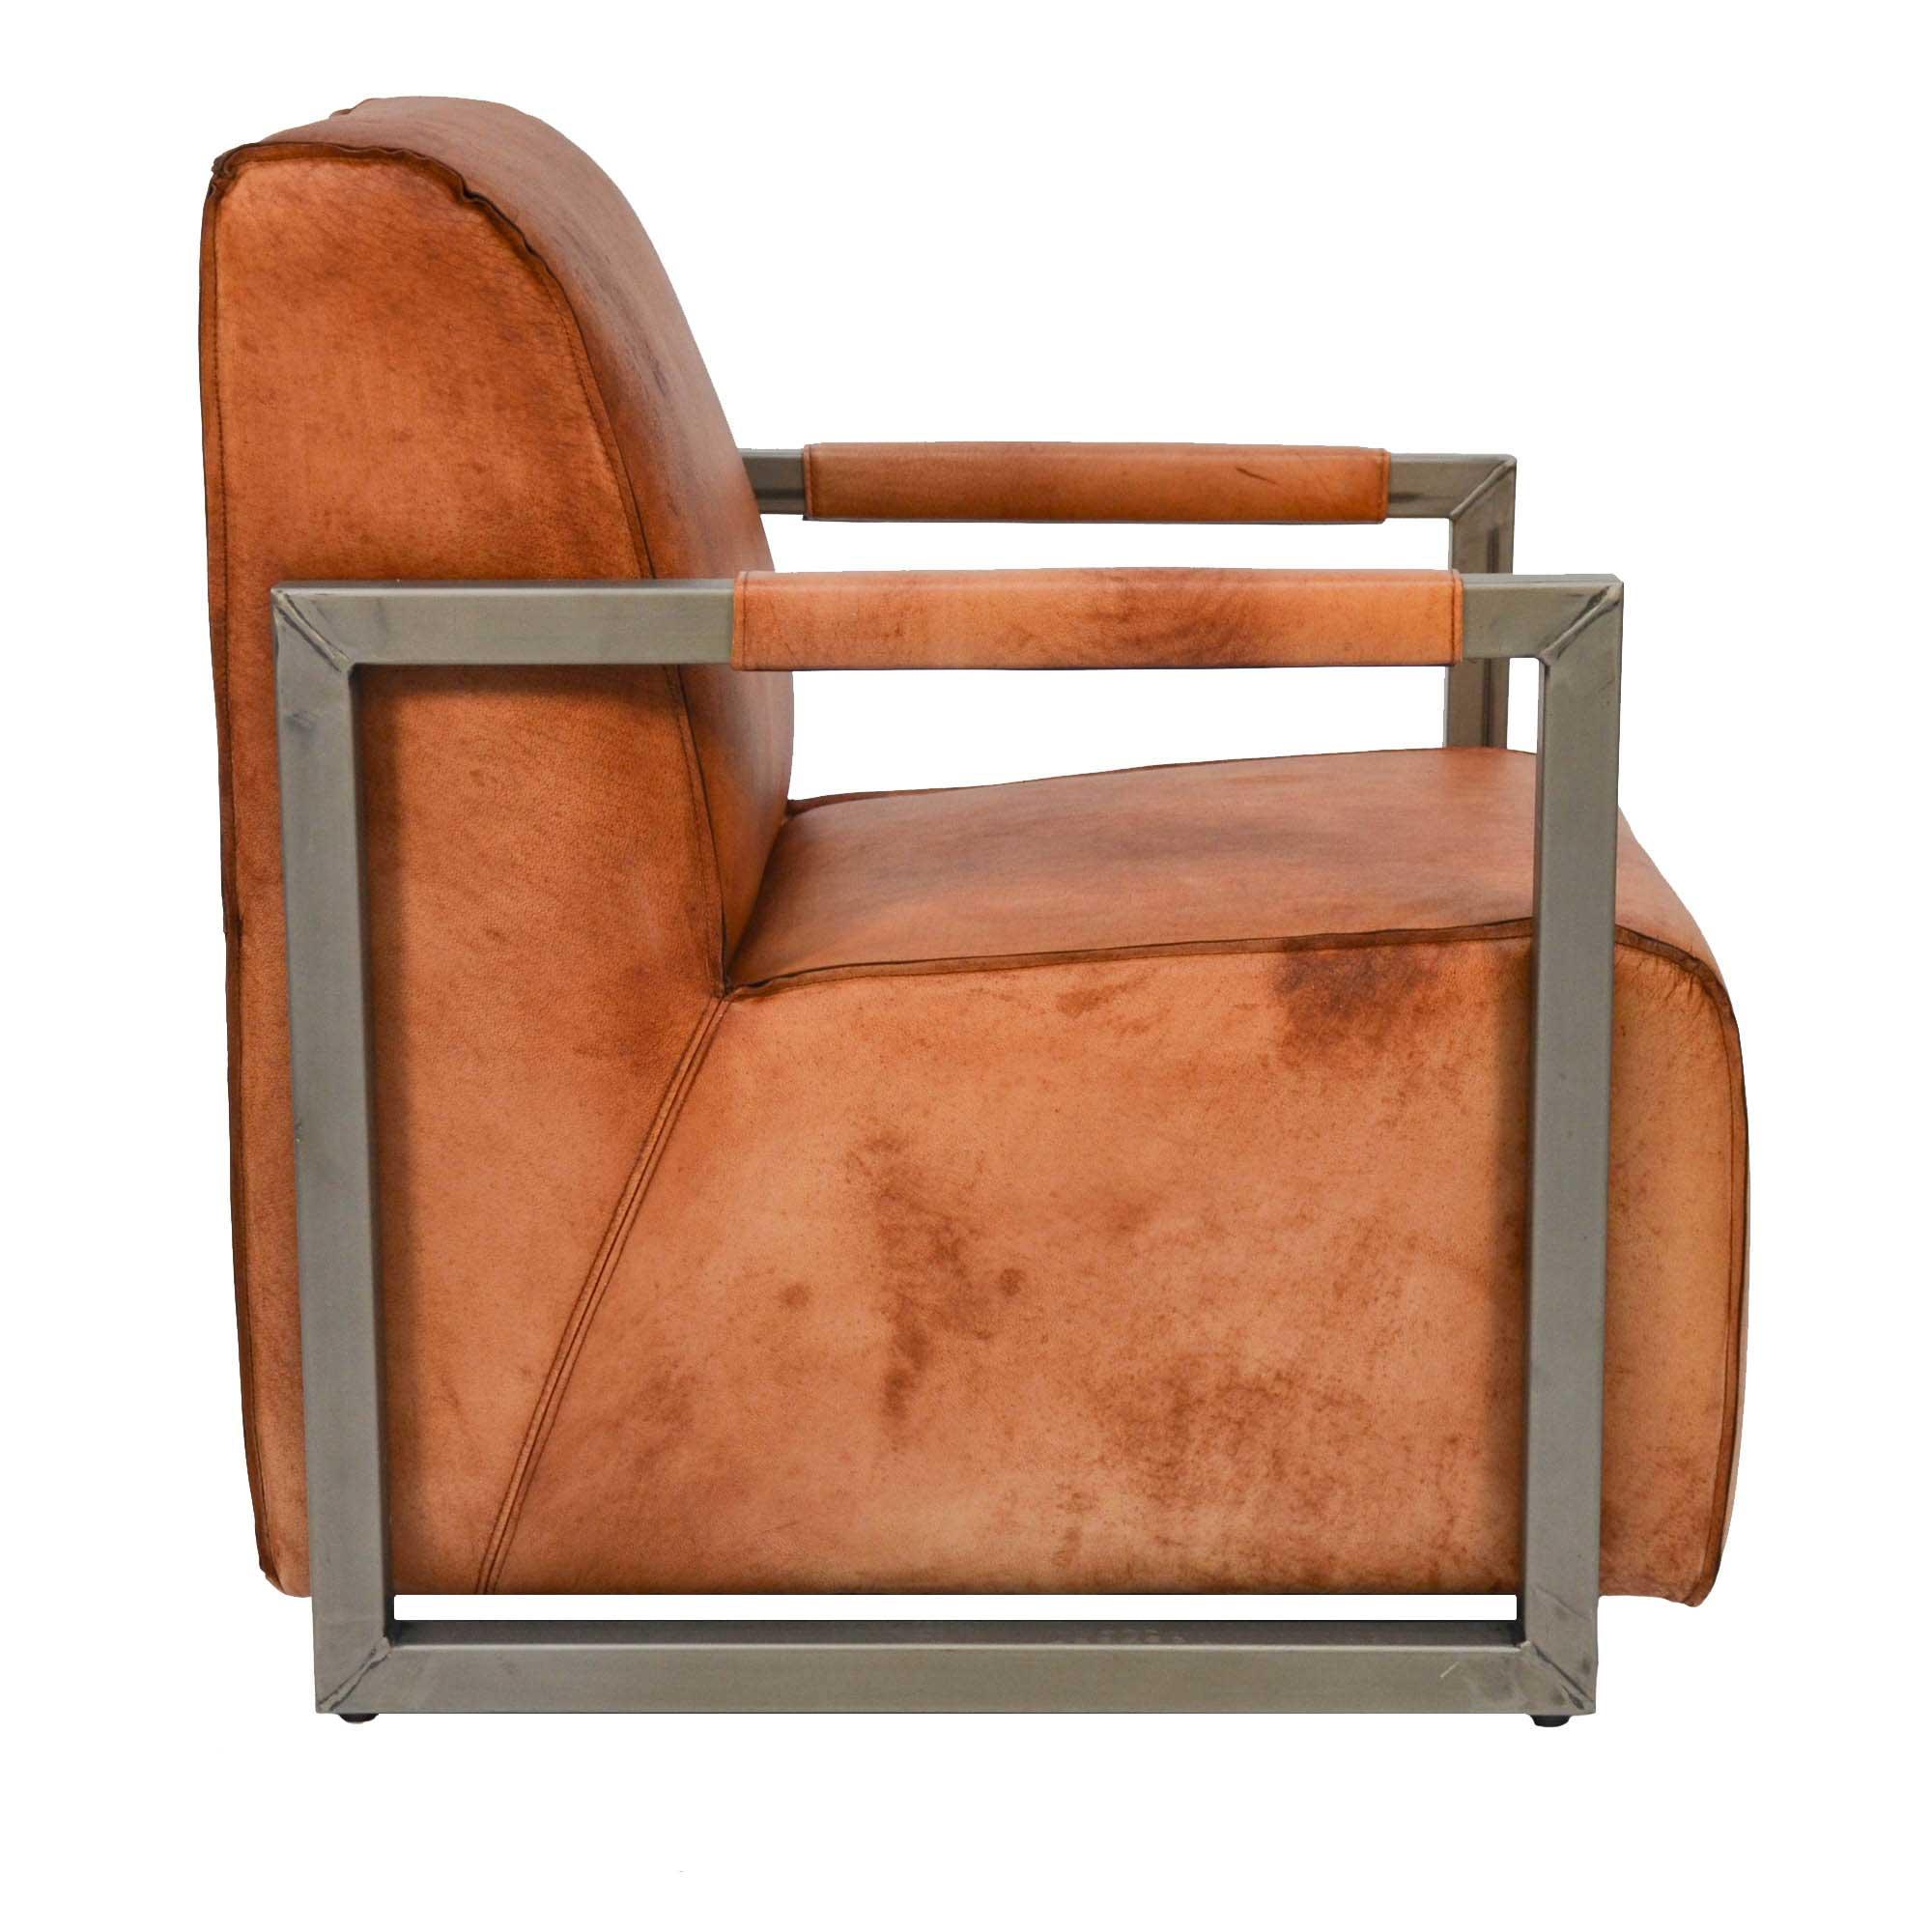 Palettenmöbel Lounge ist beste design für ihr haus ideen